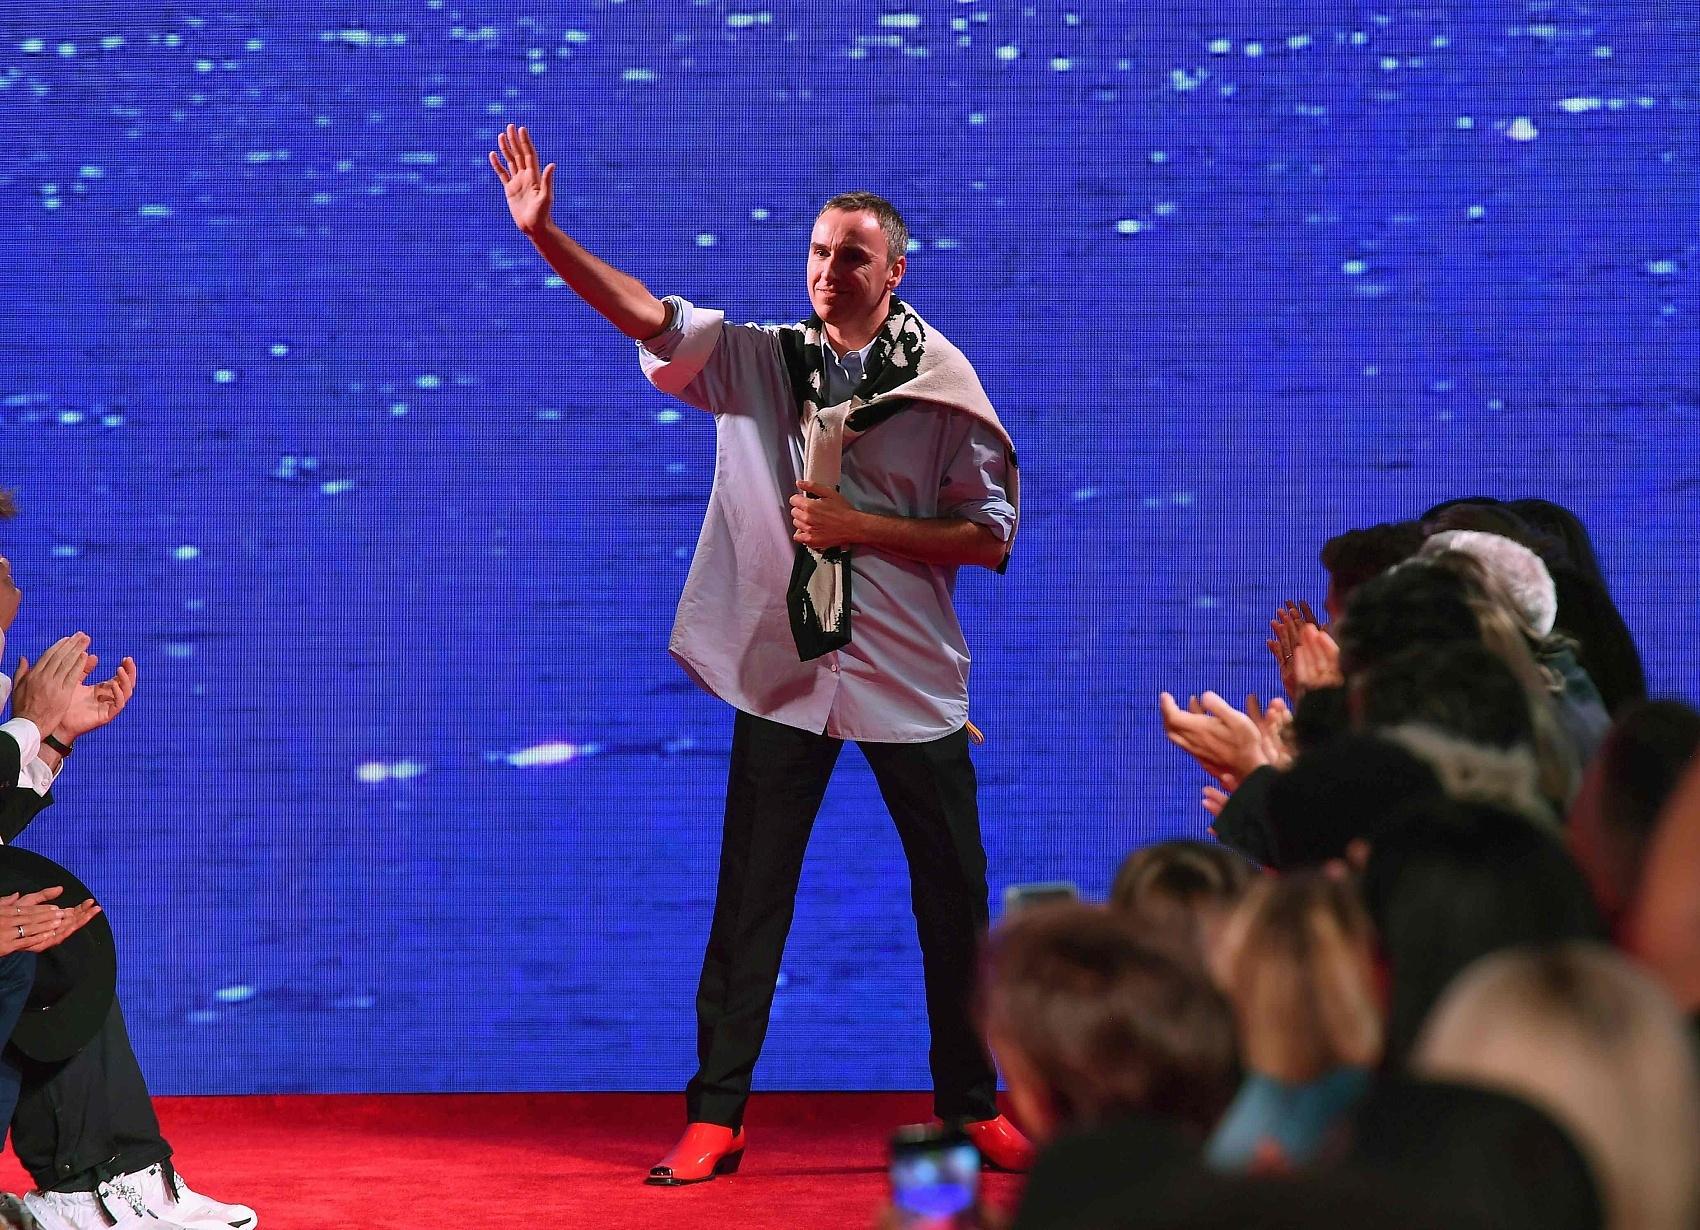 """Raf Simons 为同名品牌打造""""科幻""""运动鞋系列,将亮相巴黎时装周"""